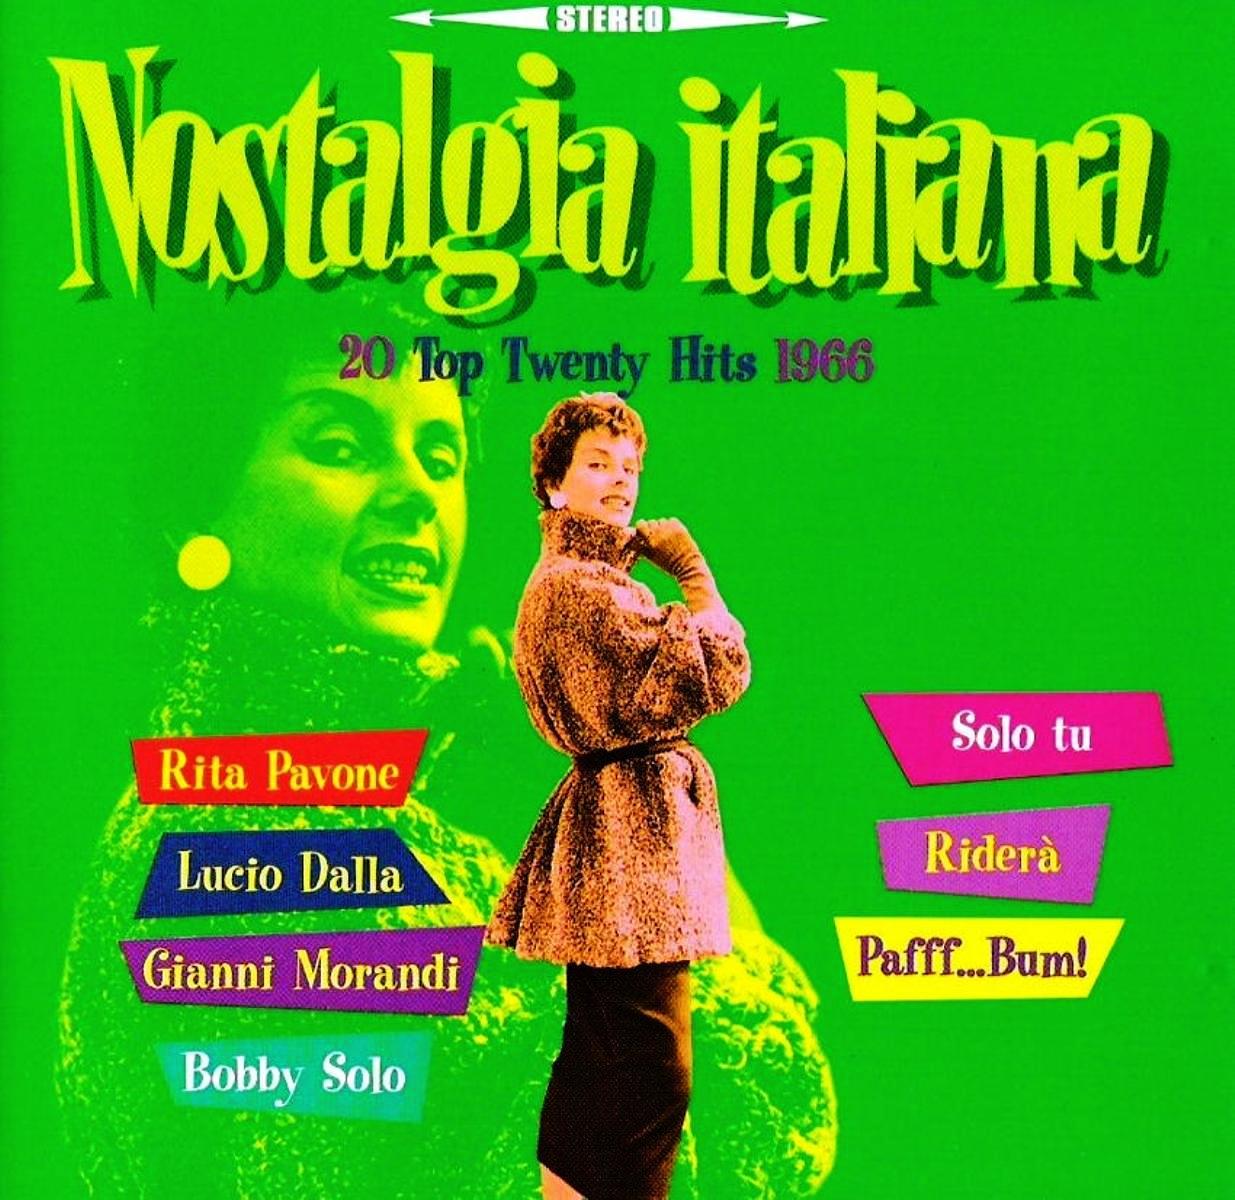 http://3.bp.blogspot.com/-KDPQPIgz588/TmLRkSJIFcI/AAAAAAAABwE/-w_dUwWvrWo/s1600/1966+-+Nostalgia+Italiana+%25281%2529.jpg